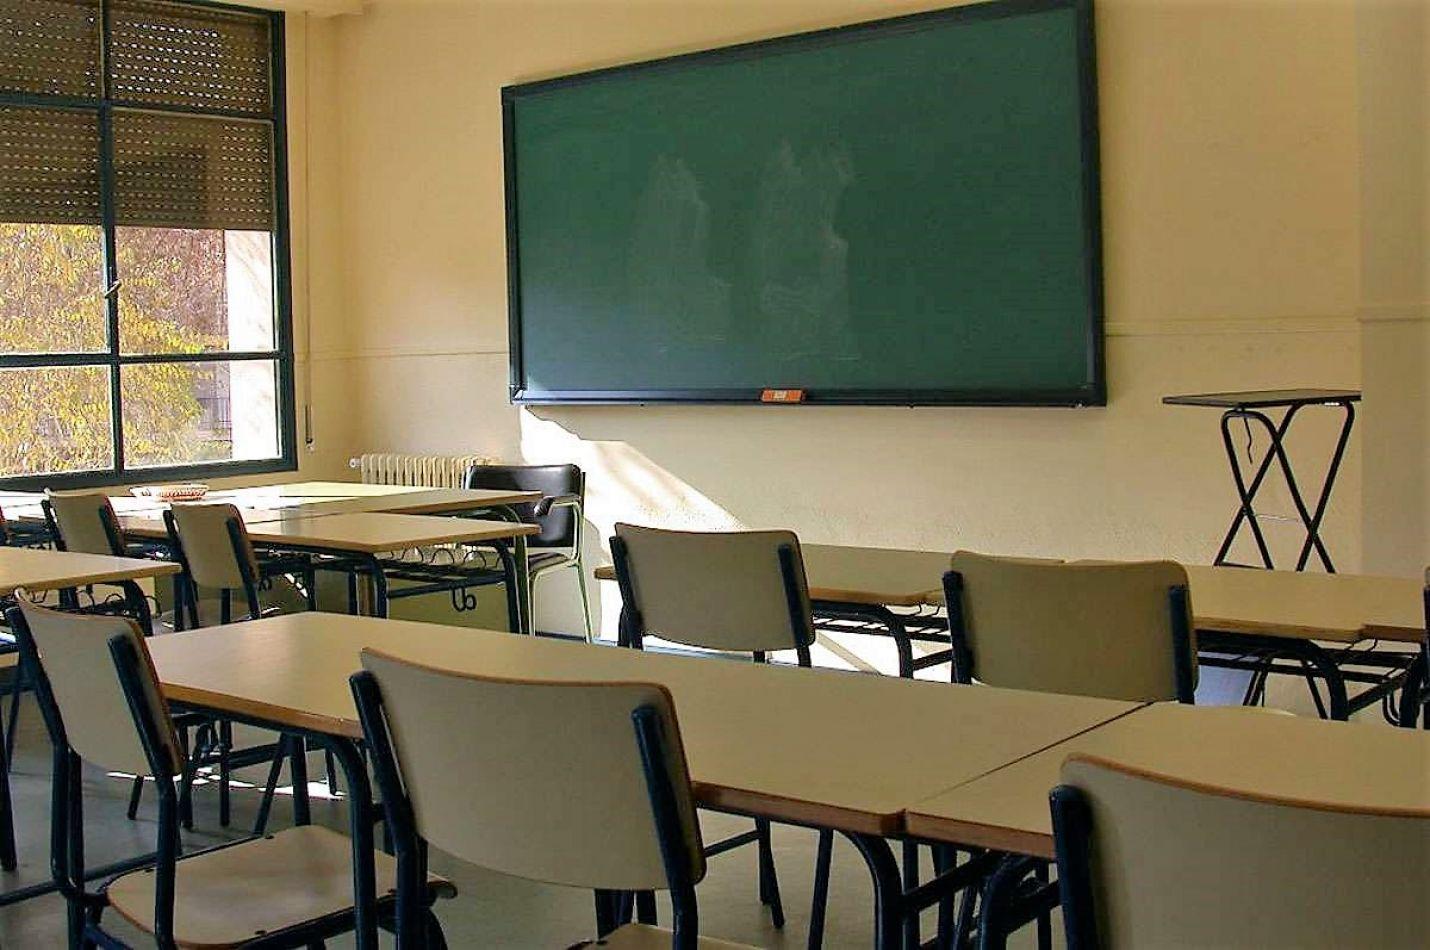 El lunes 16 de julio comenzarán las vacaciones de invierno. El viernes 13 será el último día de clases.